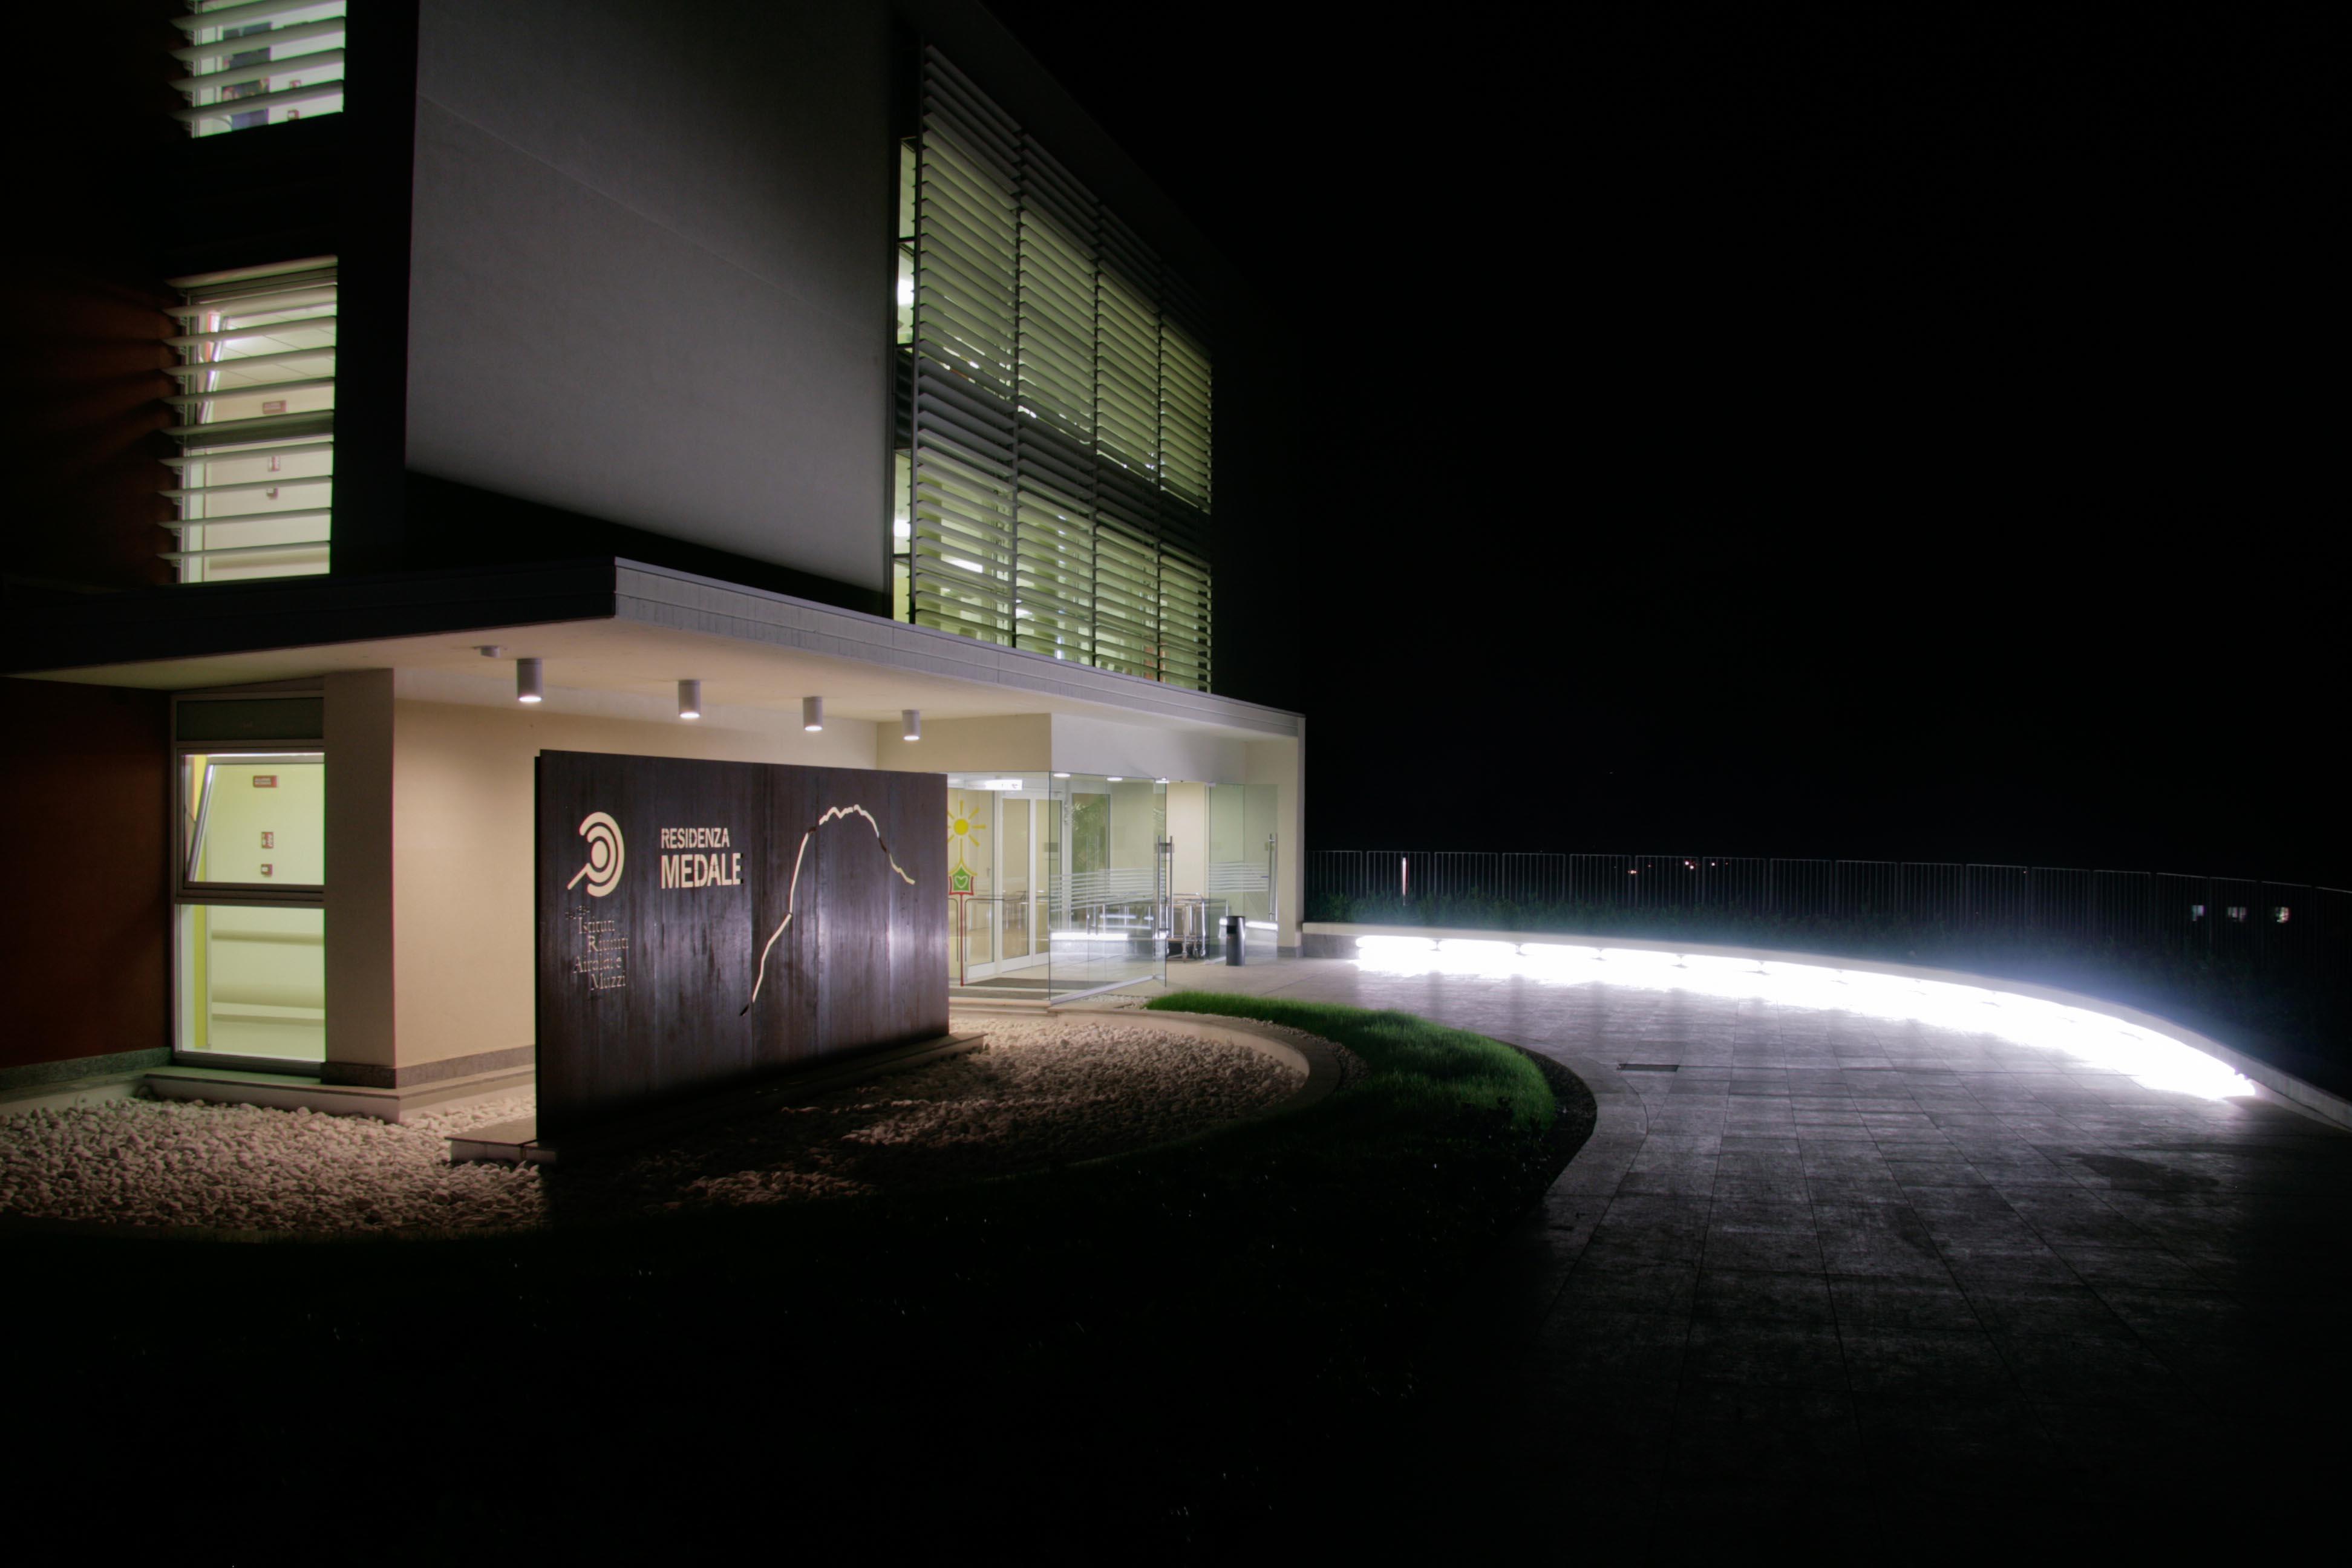 Residenza_medale_notte.jpg